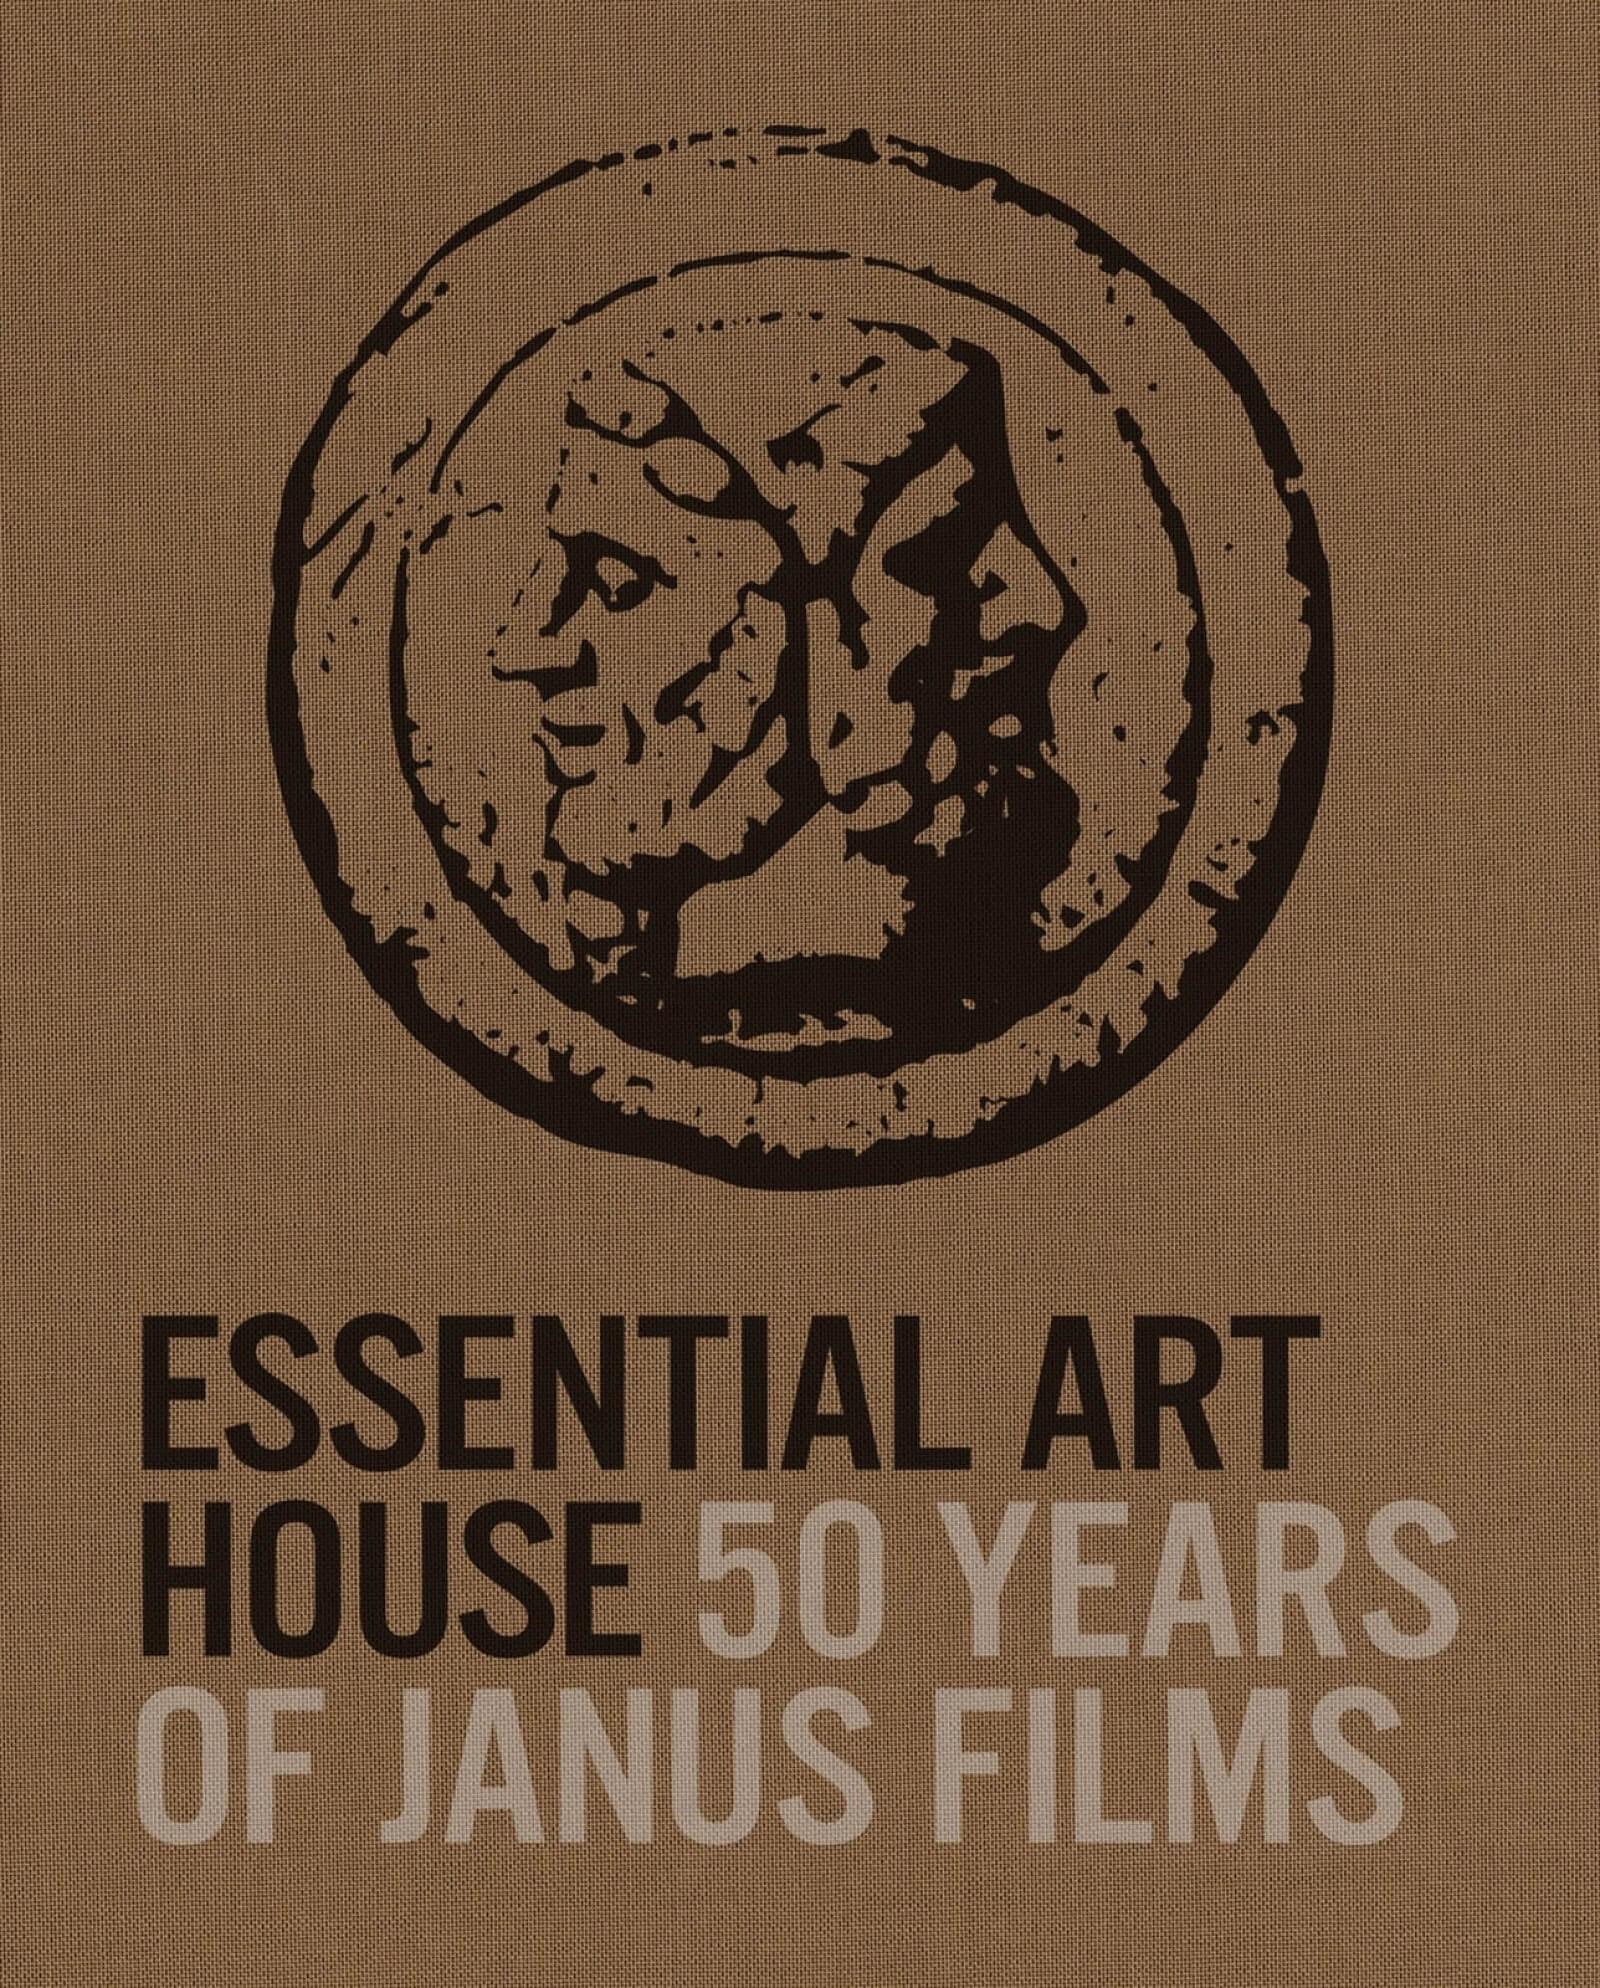 Essential Art House: 50 Years of Janus Films